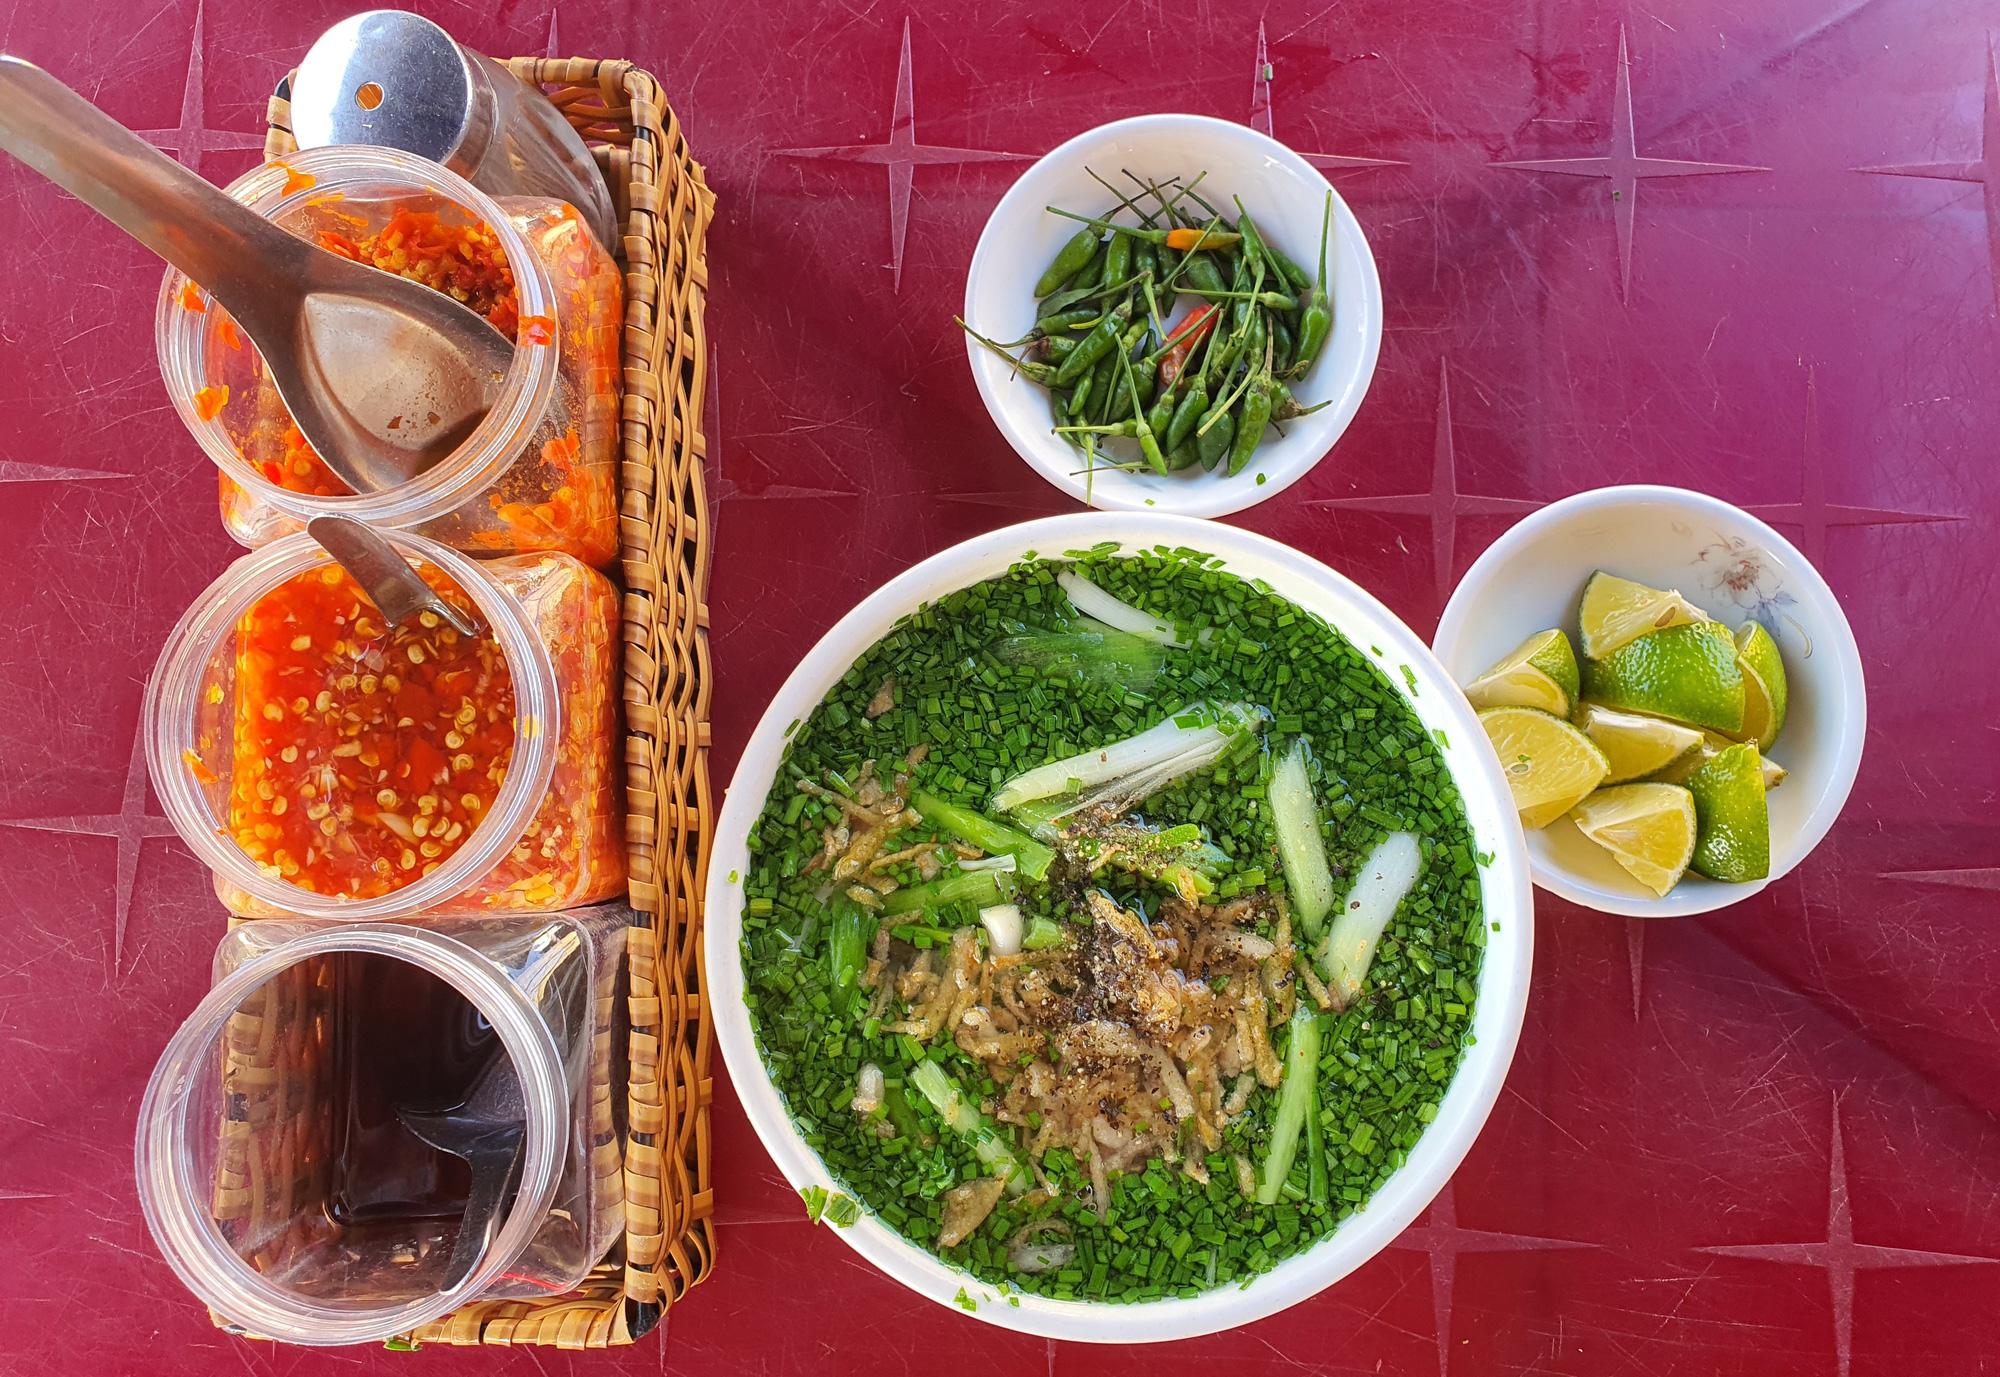 Món bánh canh ngon trứ danh ở Phú Yên, thực khách vừa ăn vừa xuýt xoa - Ảnh 1.